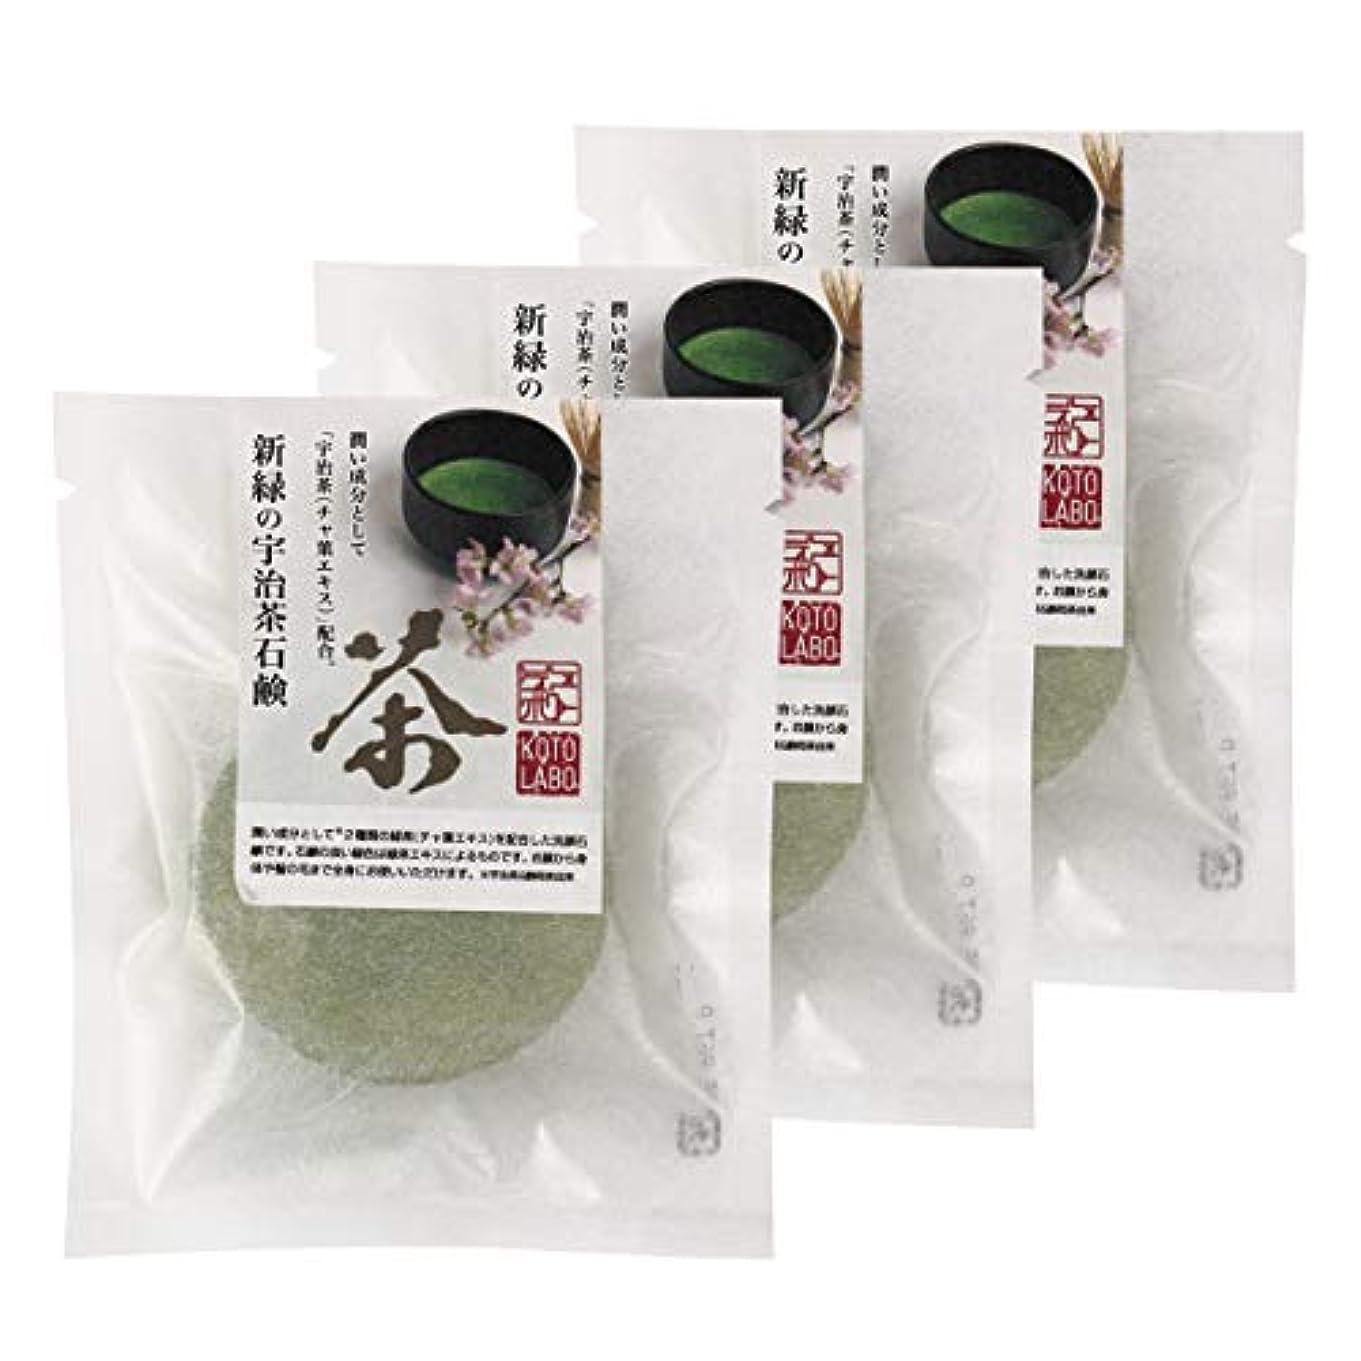 コトラボ 新緑の宇治茶石鹸 40g×3個セット (お顔?全身用)